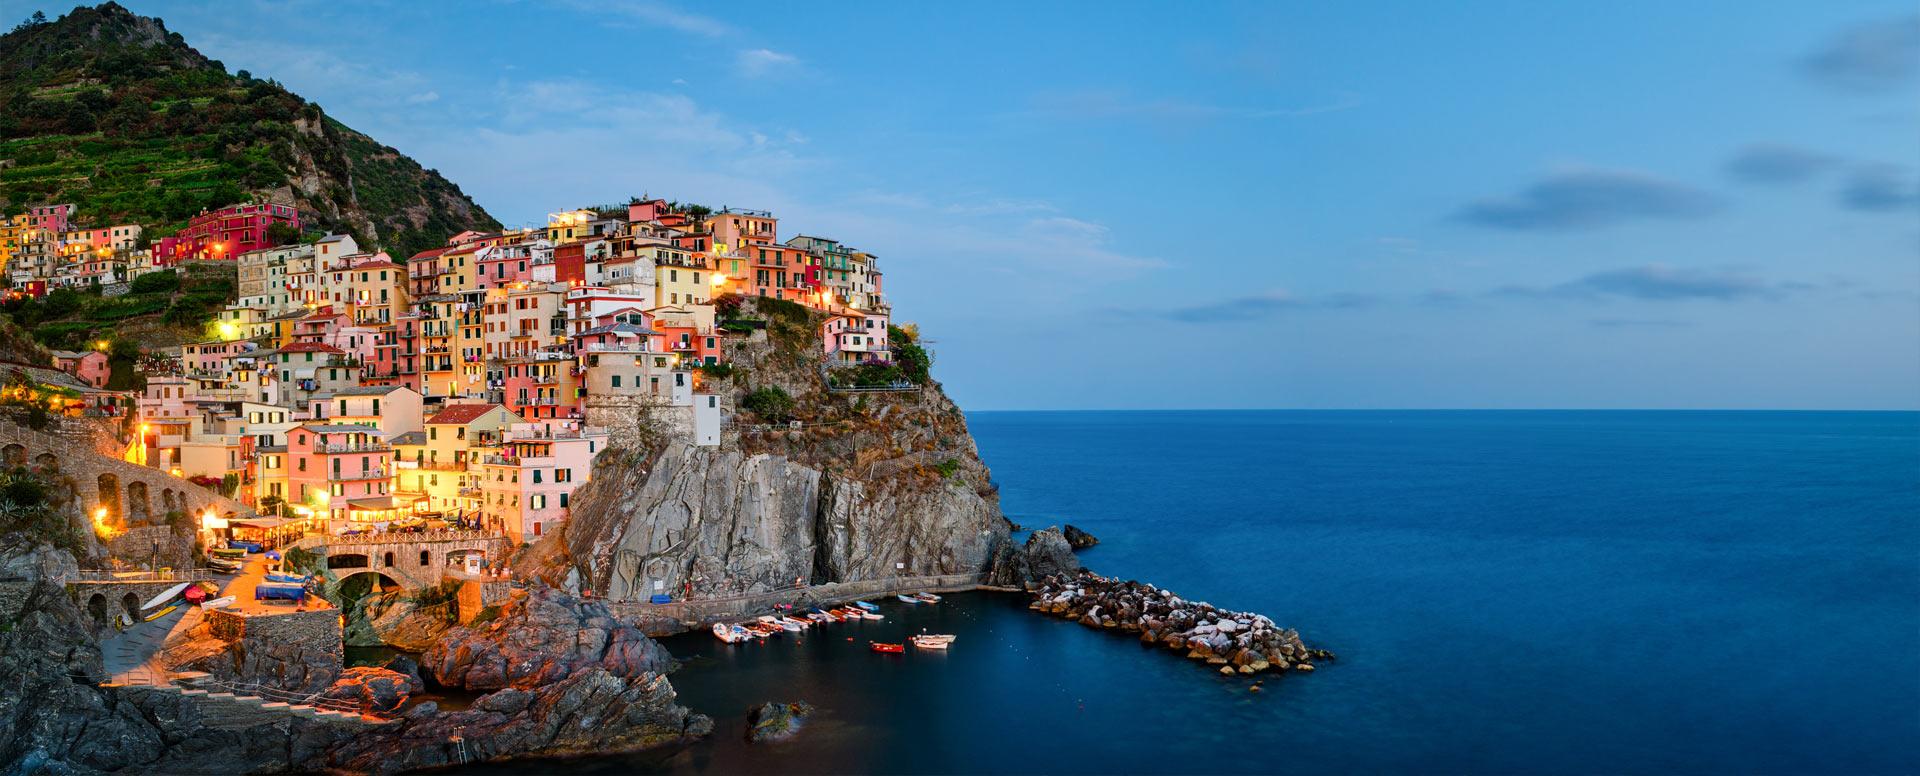 Découverte d'un paysage exceptionnel - Italie